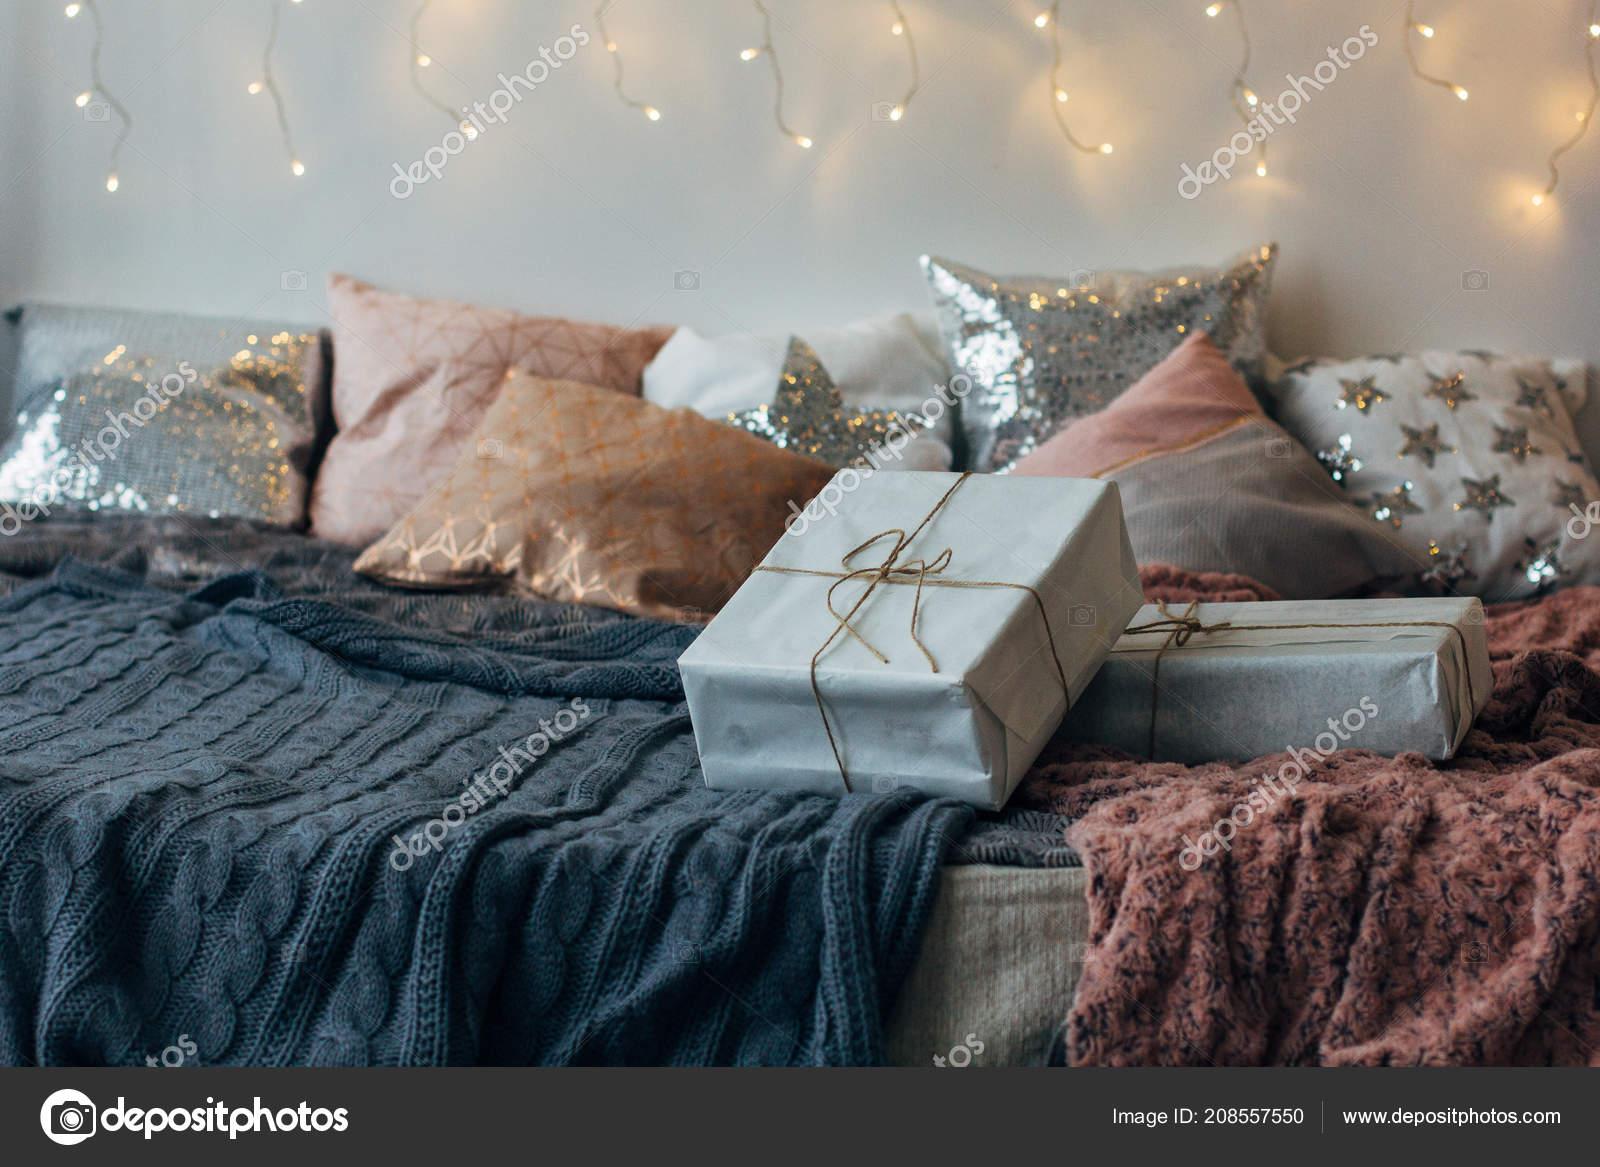 Letto Matrimoniale Con Tanti Cuscini.Natale In Camera Da Letto Di Mattina Letto Matrimoniale In Natale